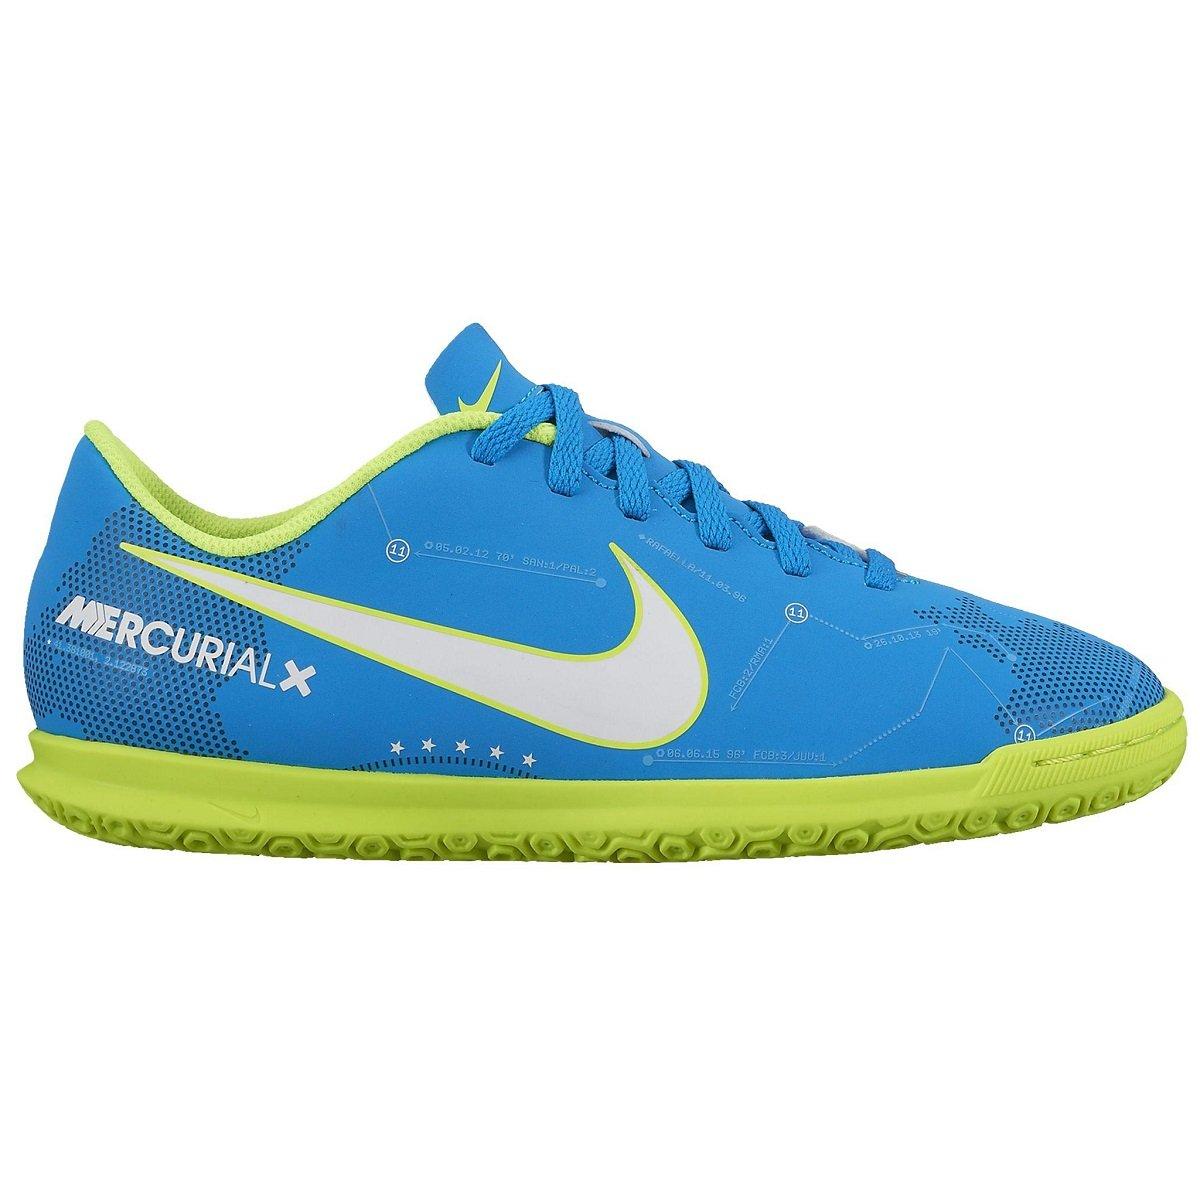 8d448267eb Indoor Nike Mercurialx Vortex III Neymar 921518-400 - Azul Verde ...